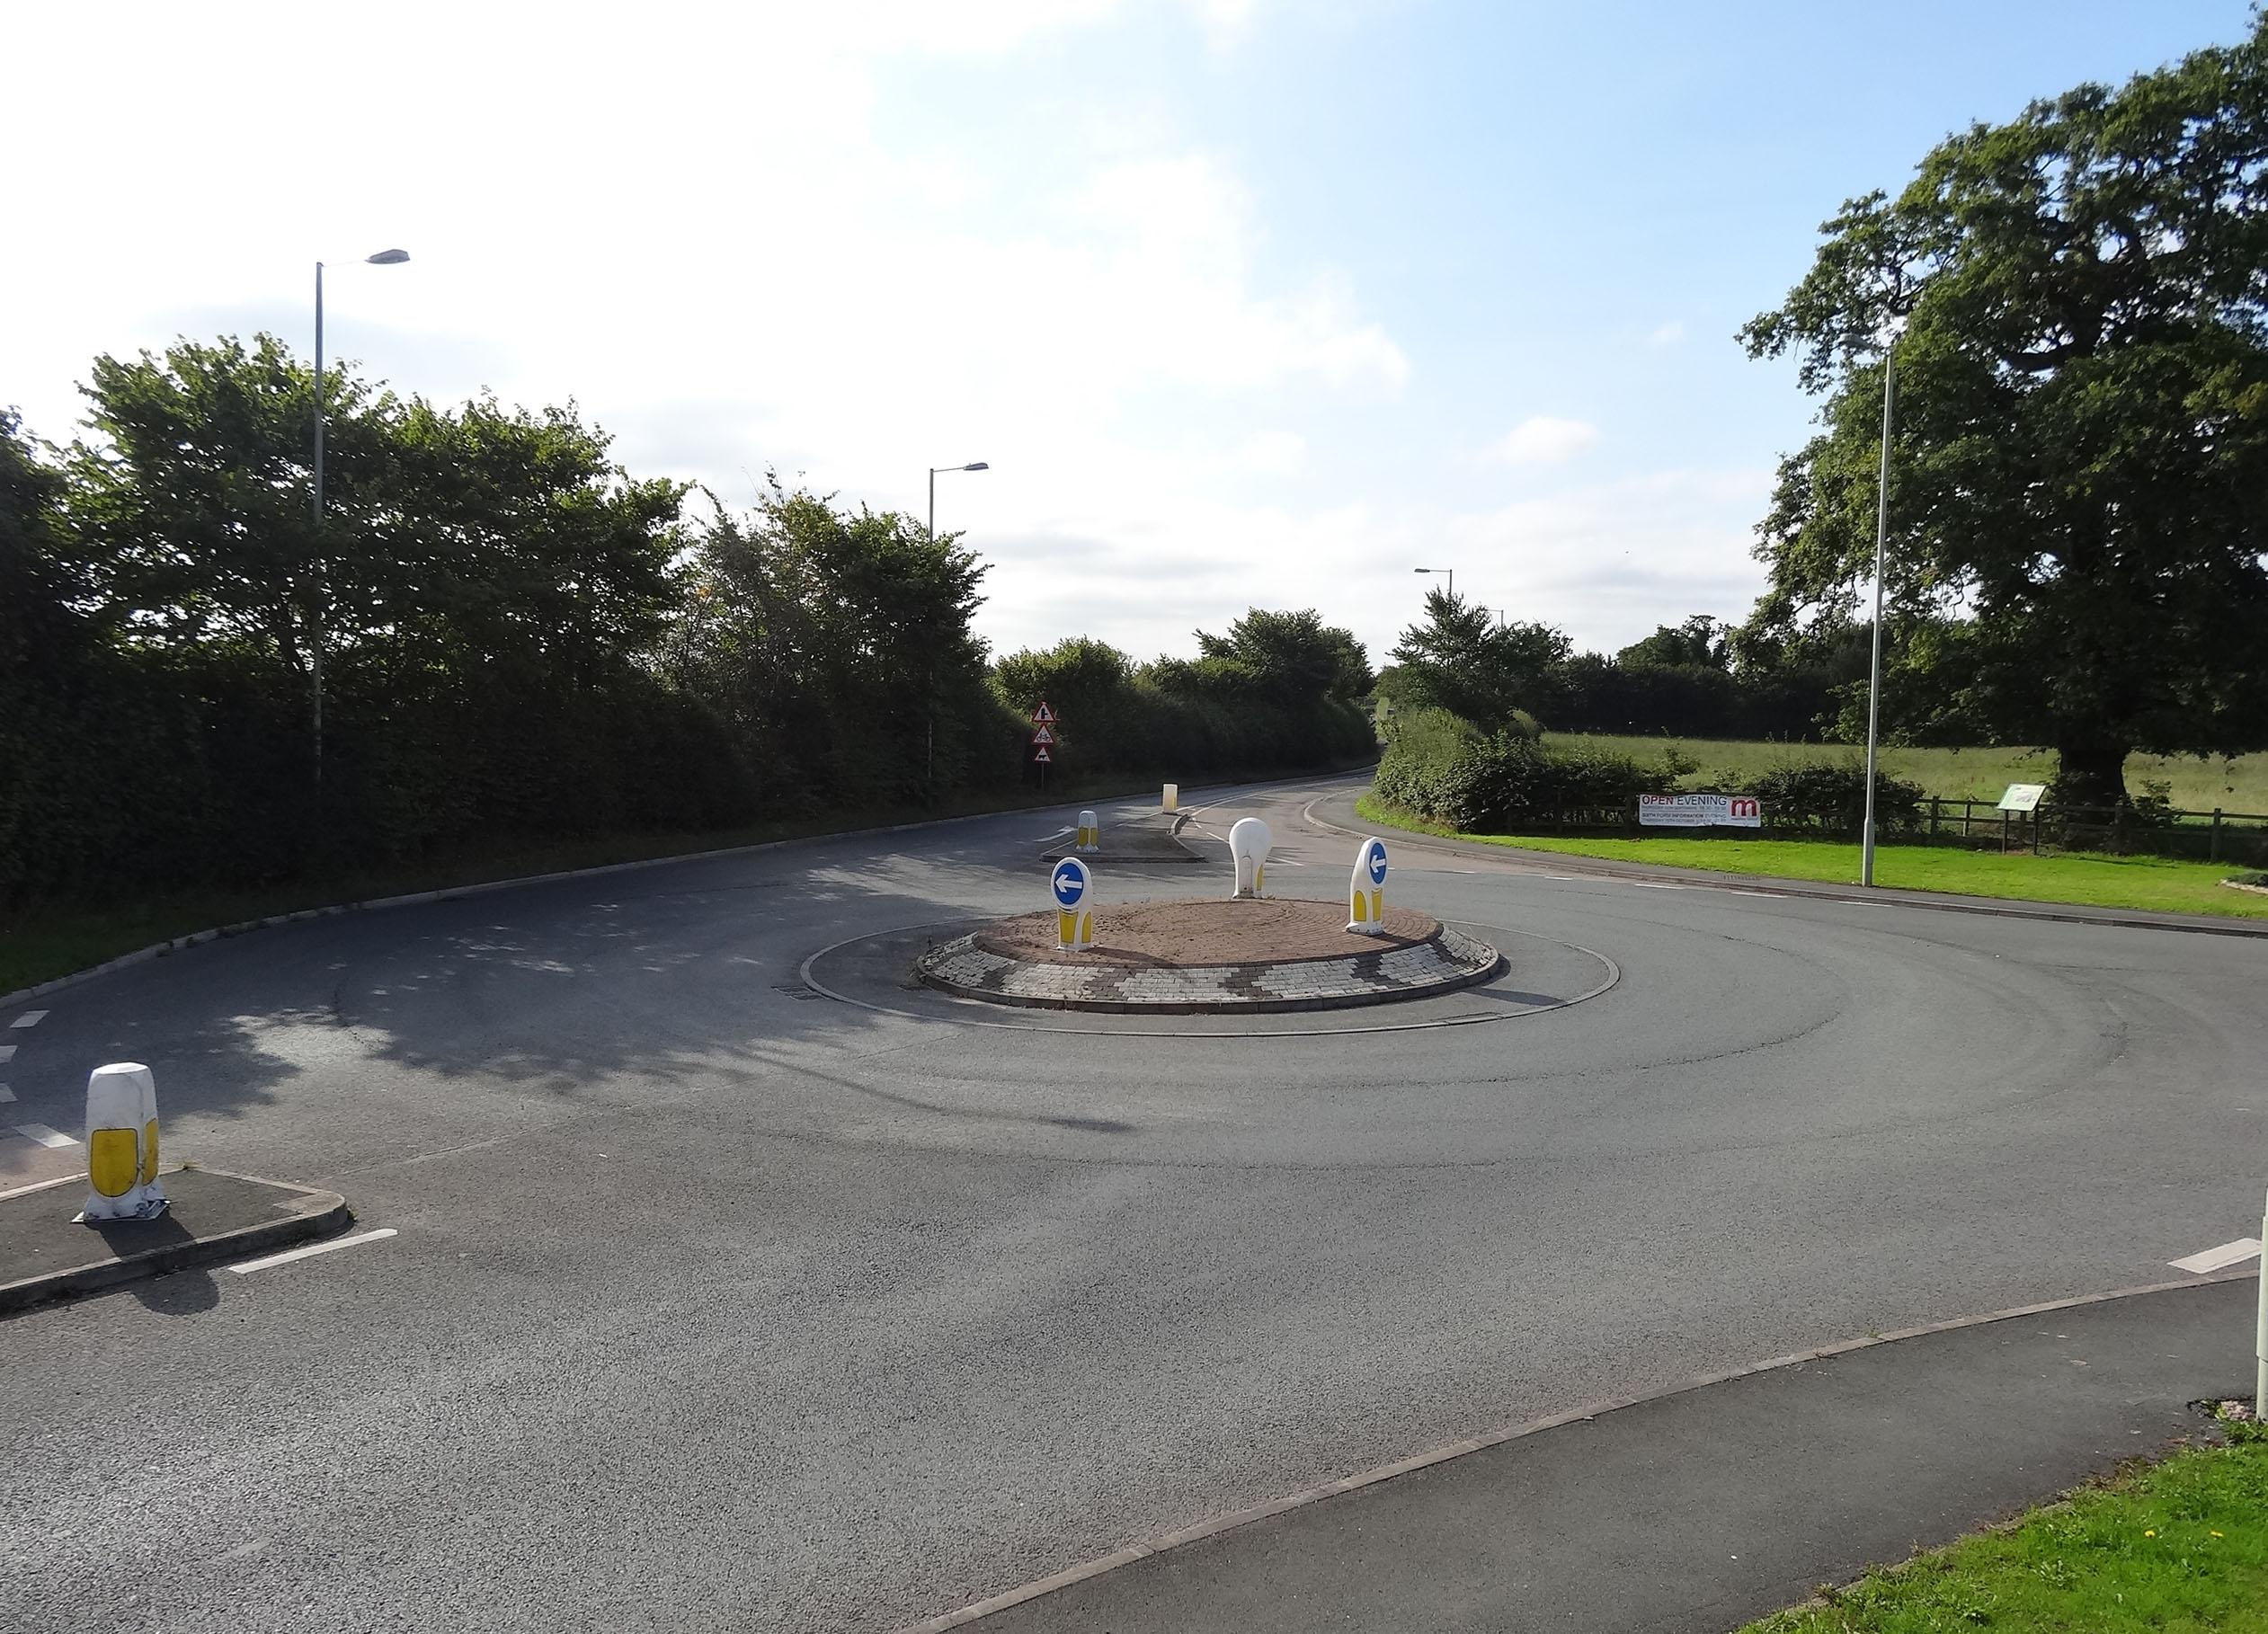 1-roundabout-1